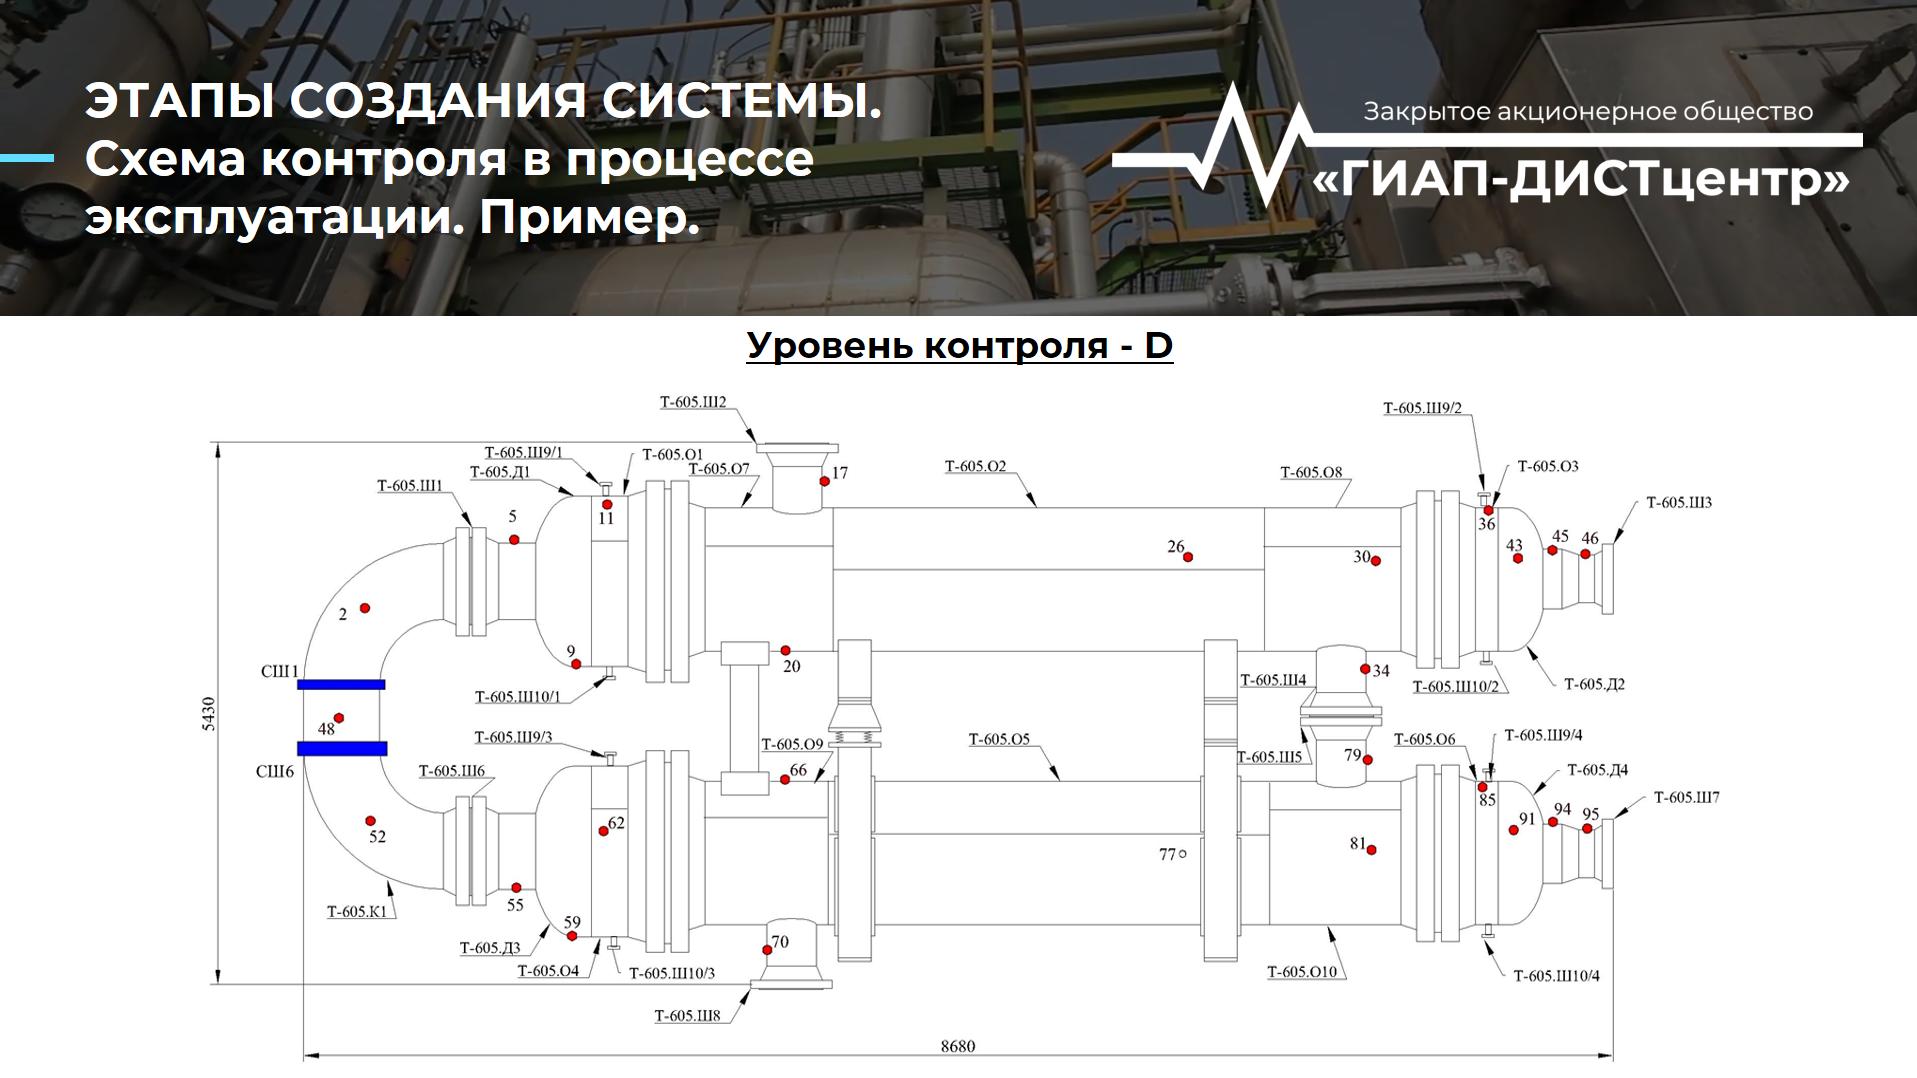 Система контроля. Схема контроля в процессе эксплуатации